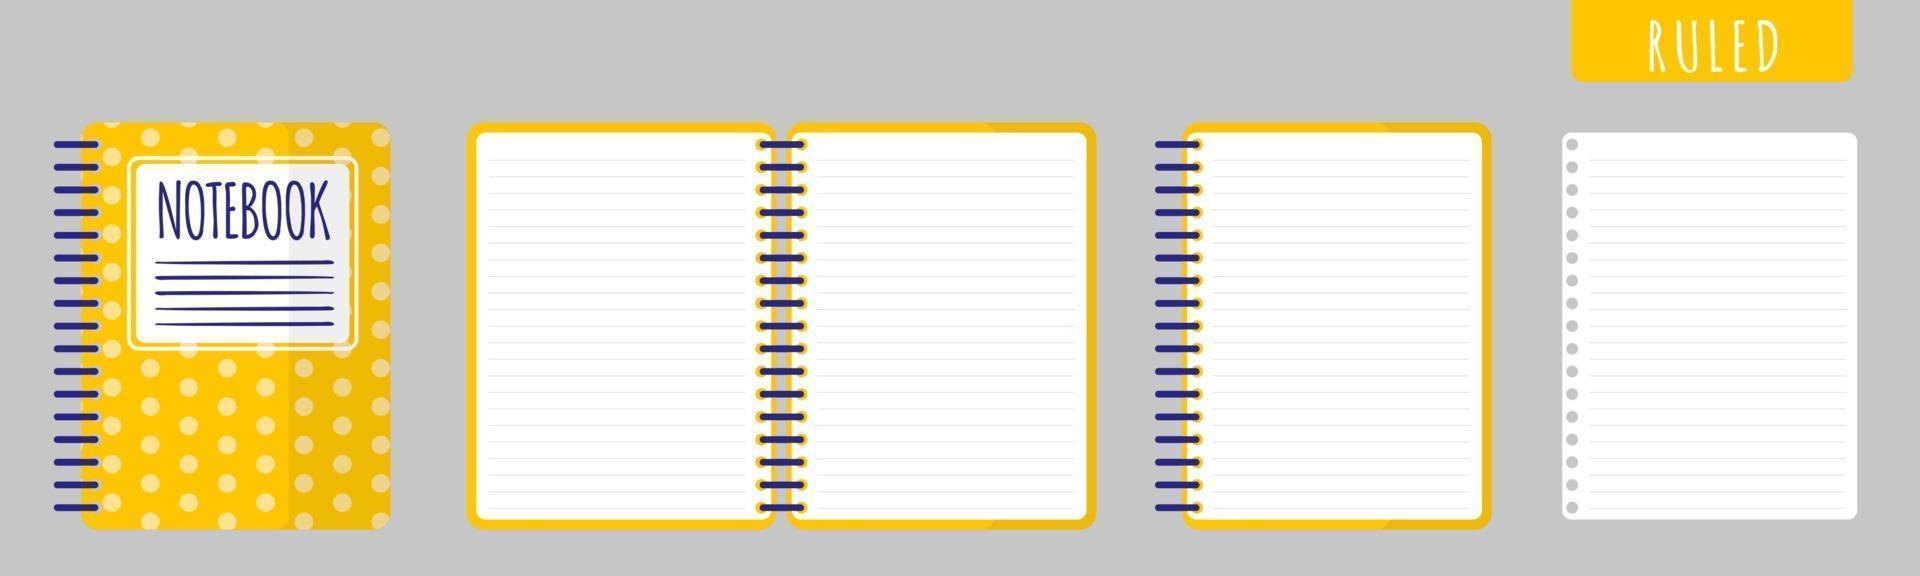 illustration de dessin animé de vecteur avec cahier gouverné, cahier ouvert et feuilles vierges sur fond blanc.